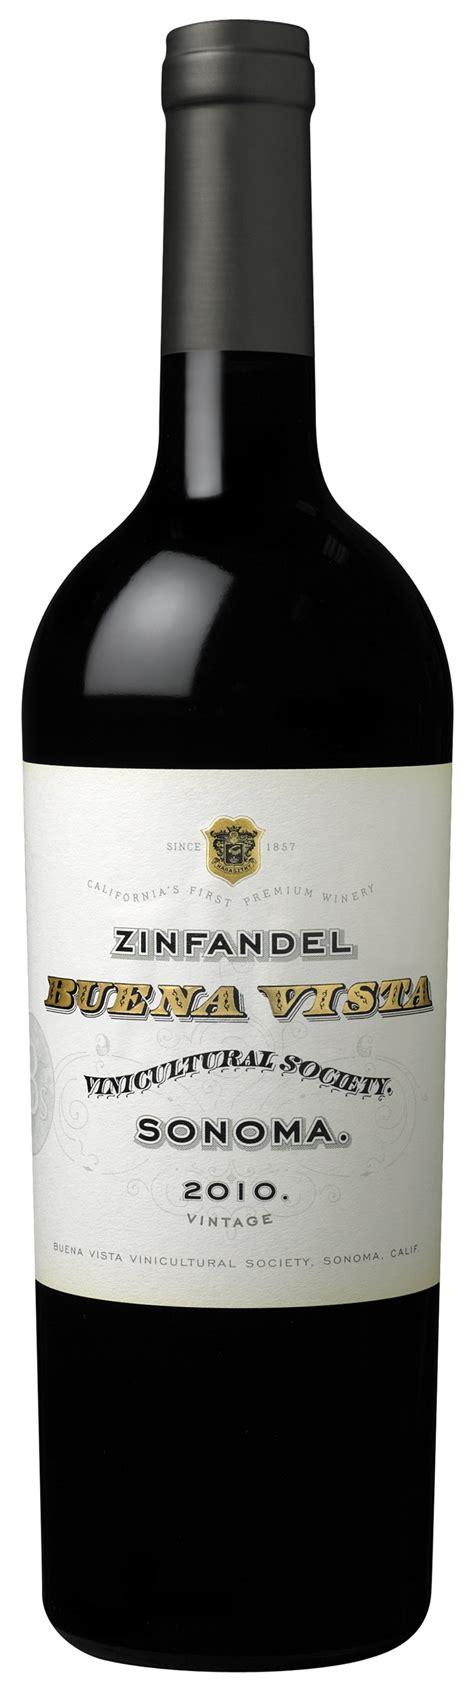 Sonoma Zinfandel Brand Assets  Trade  Boisset Collection